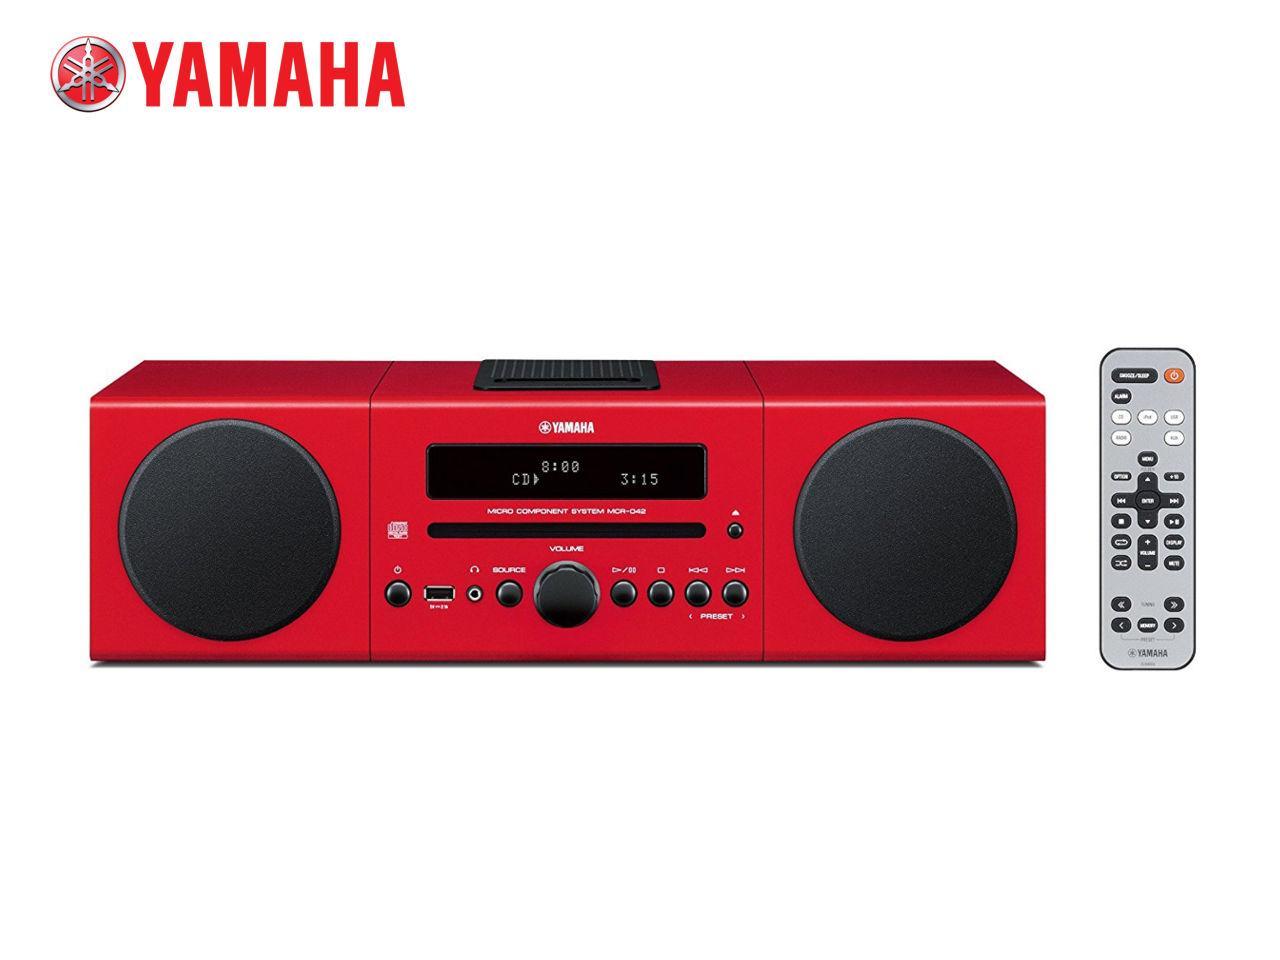 YAMAHA MCR-042 R + 200 Kč na dárky nebo další nákup | CHAT on-line podpora PO-PÁ 8-22.00!!